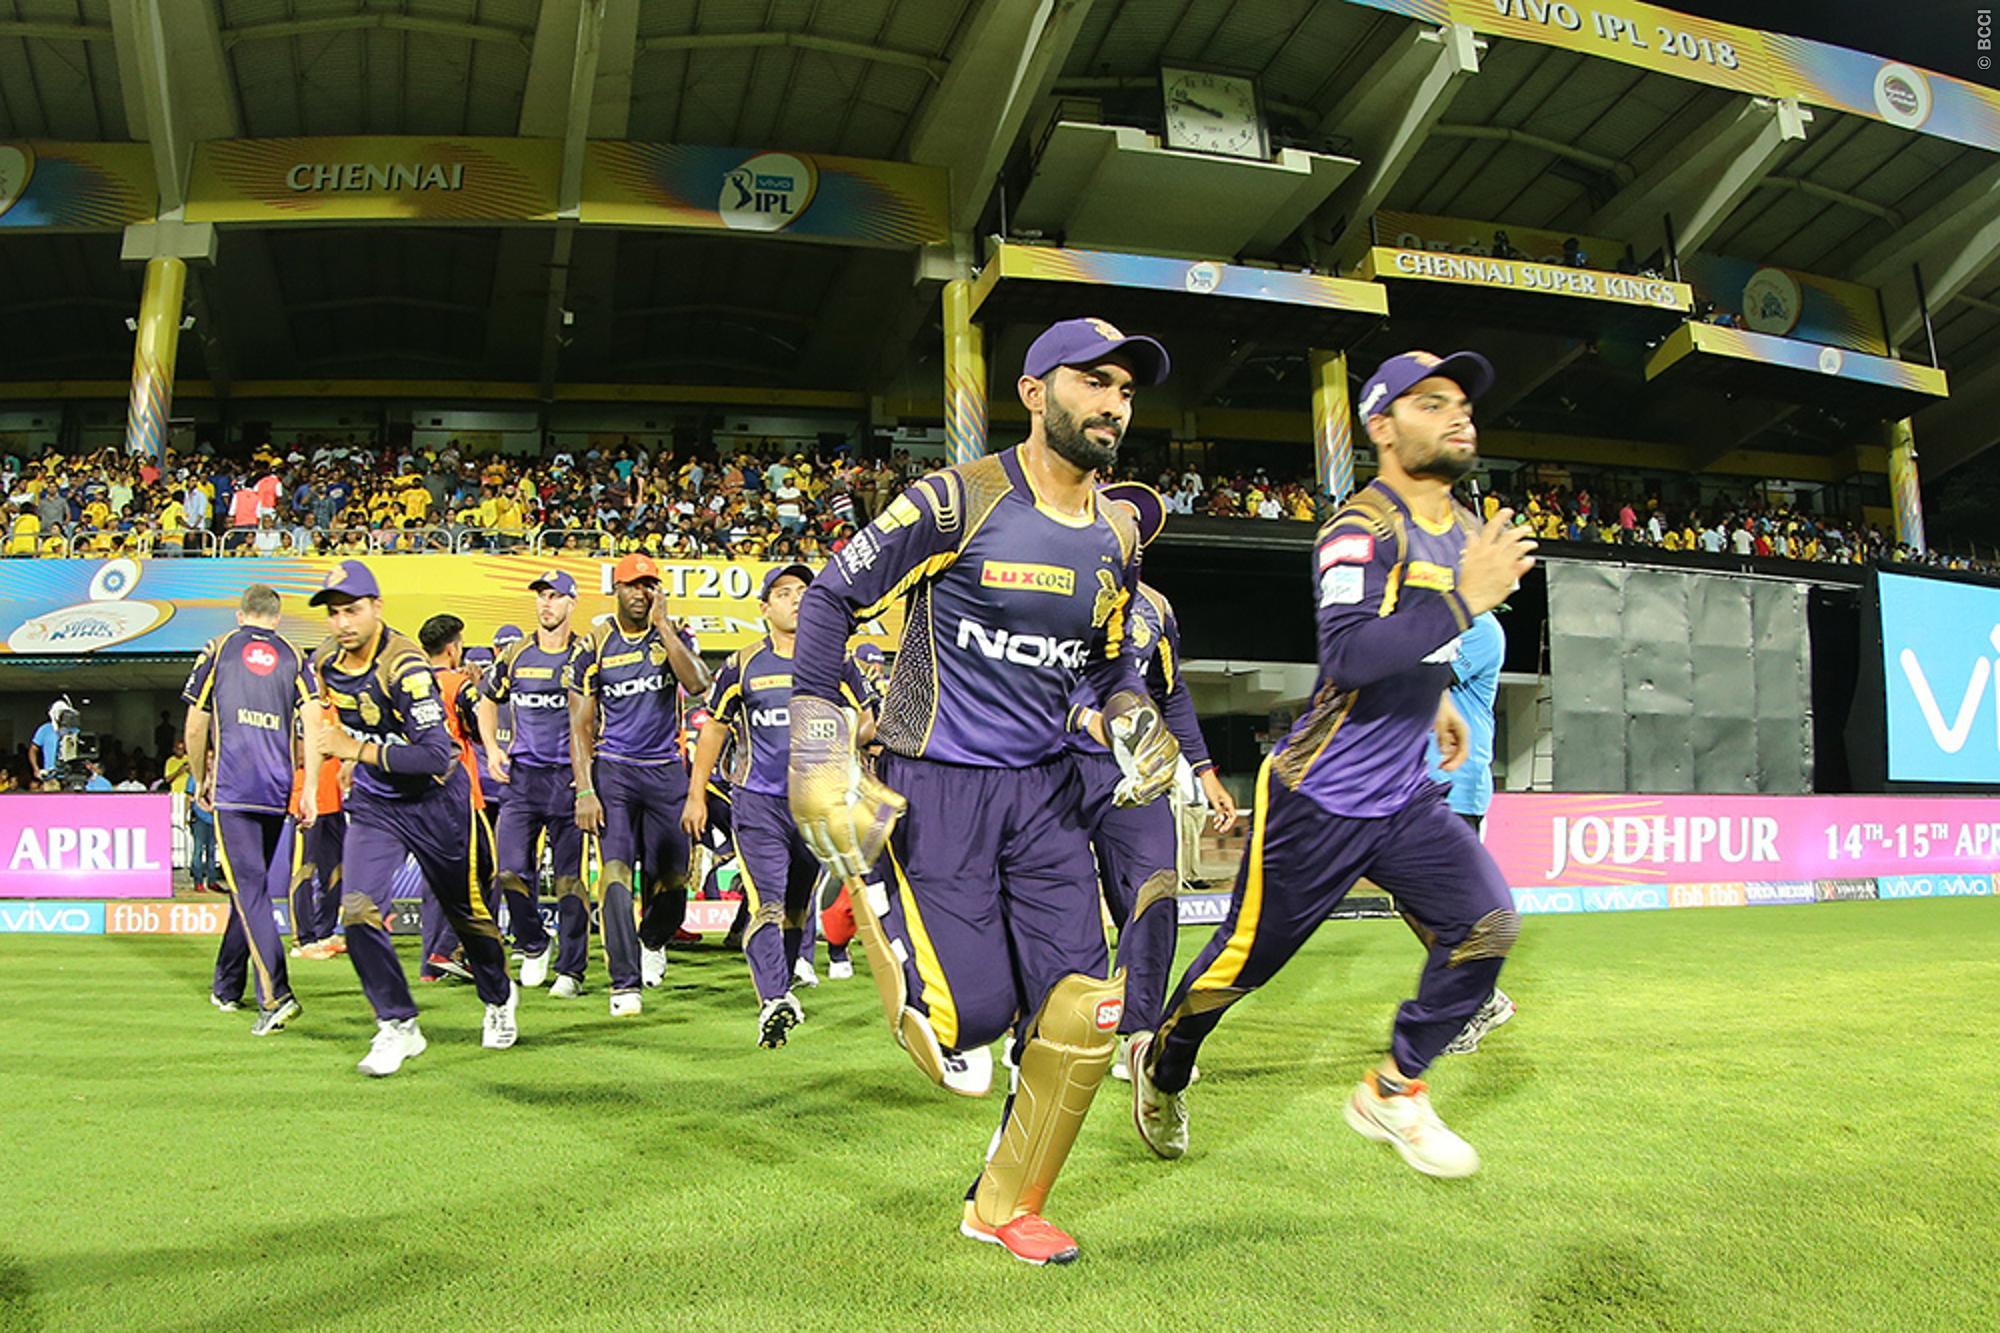 PLAYING 11: सनराईजर्स हैदराबाद के खिलाफ KKR के ये 2 खिलाड़ी करेंगे अपना आईपीएल डेब्यू